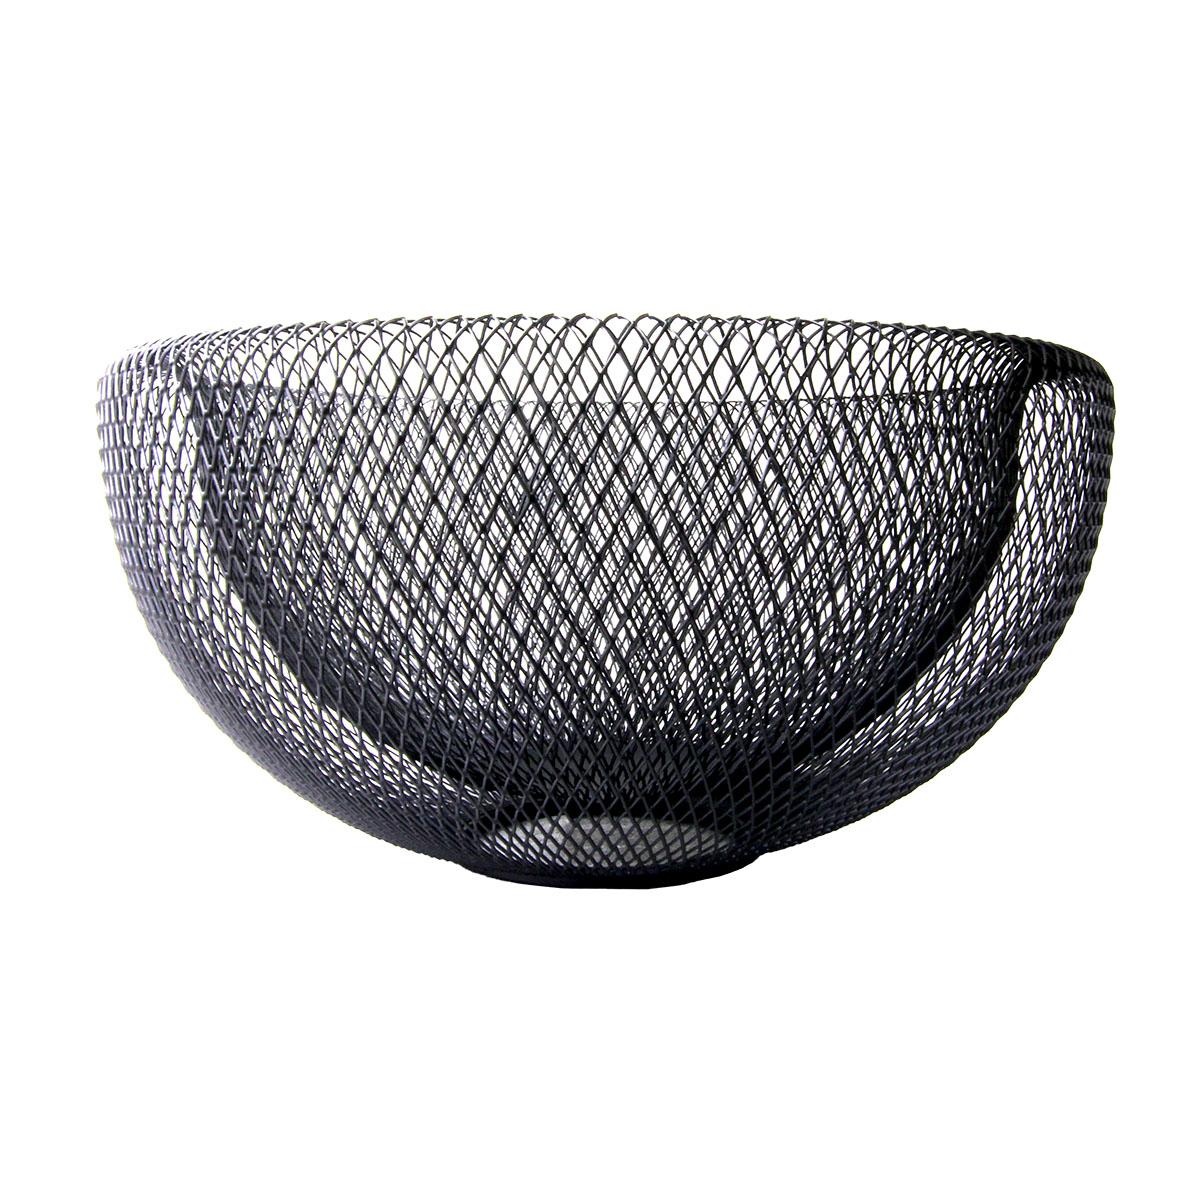 Fruteira metal preto vazado redonda 30x15cm BTC2